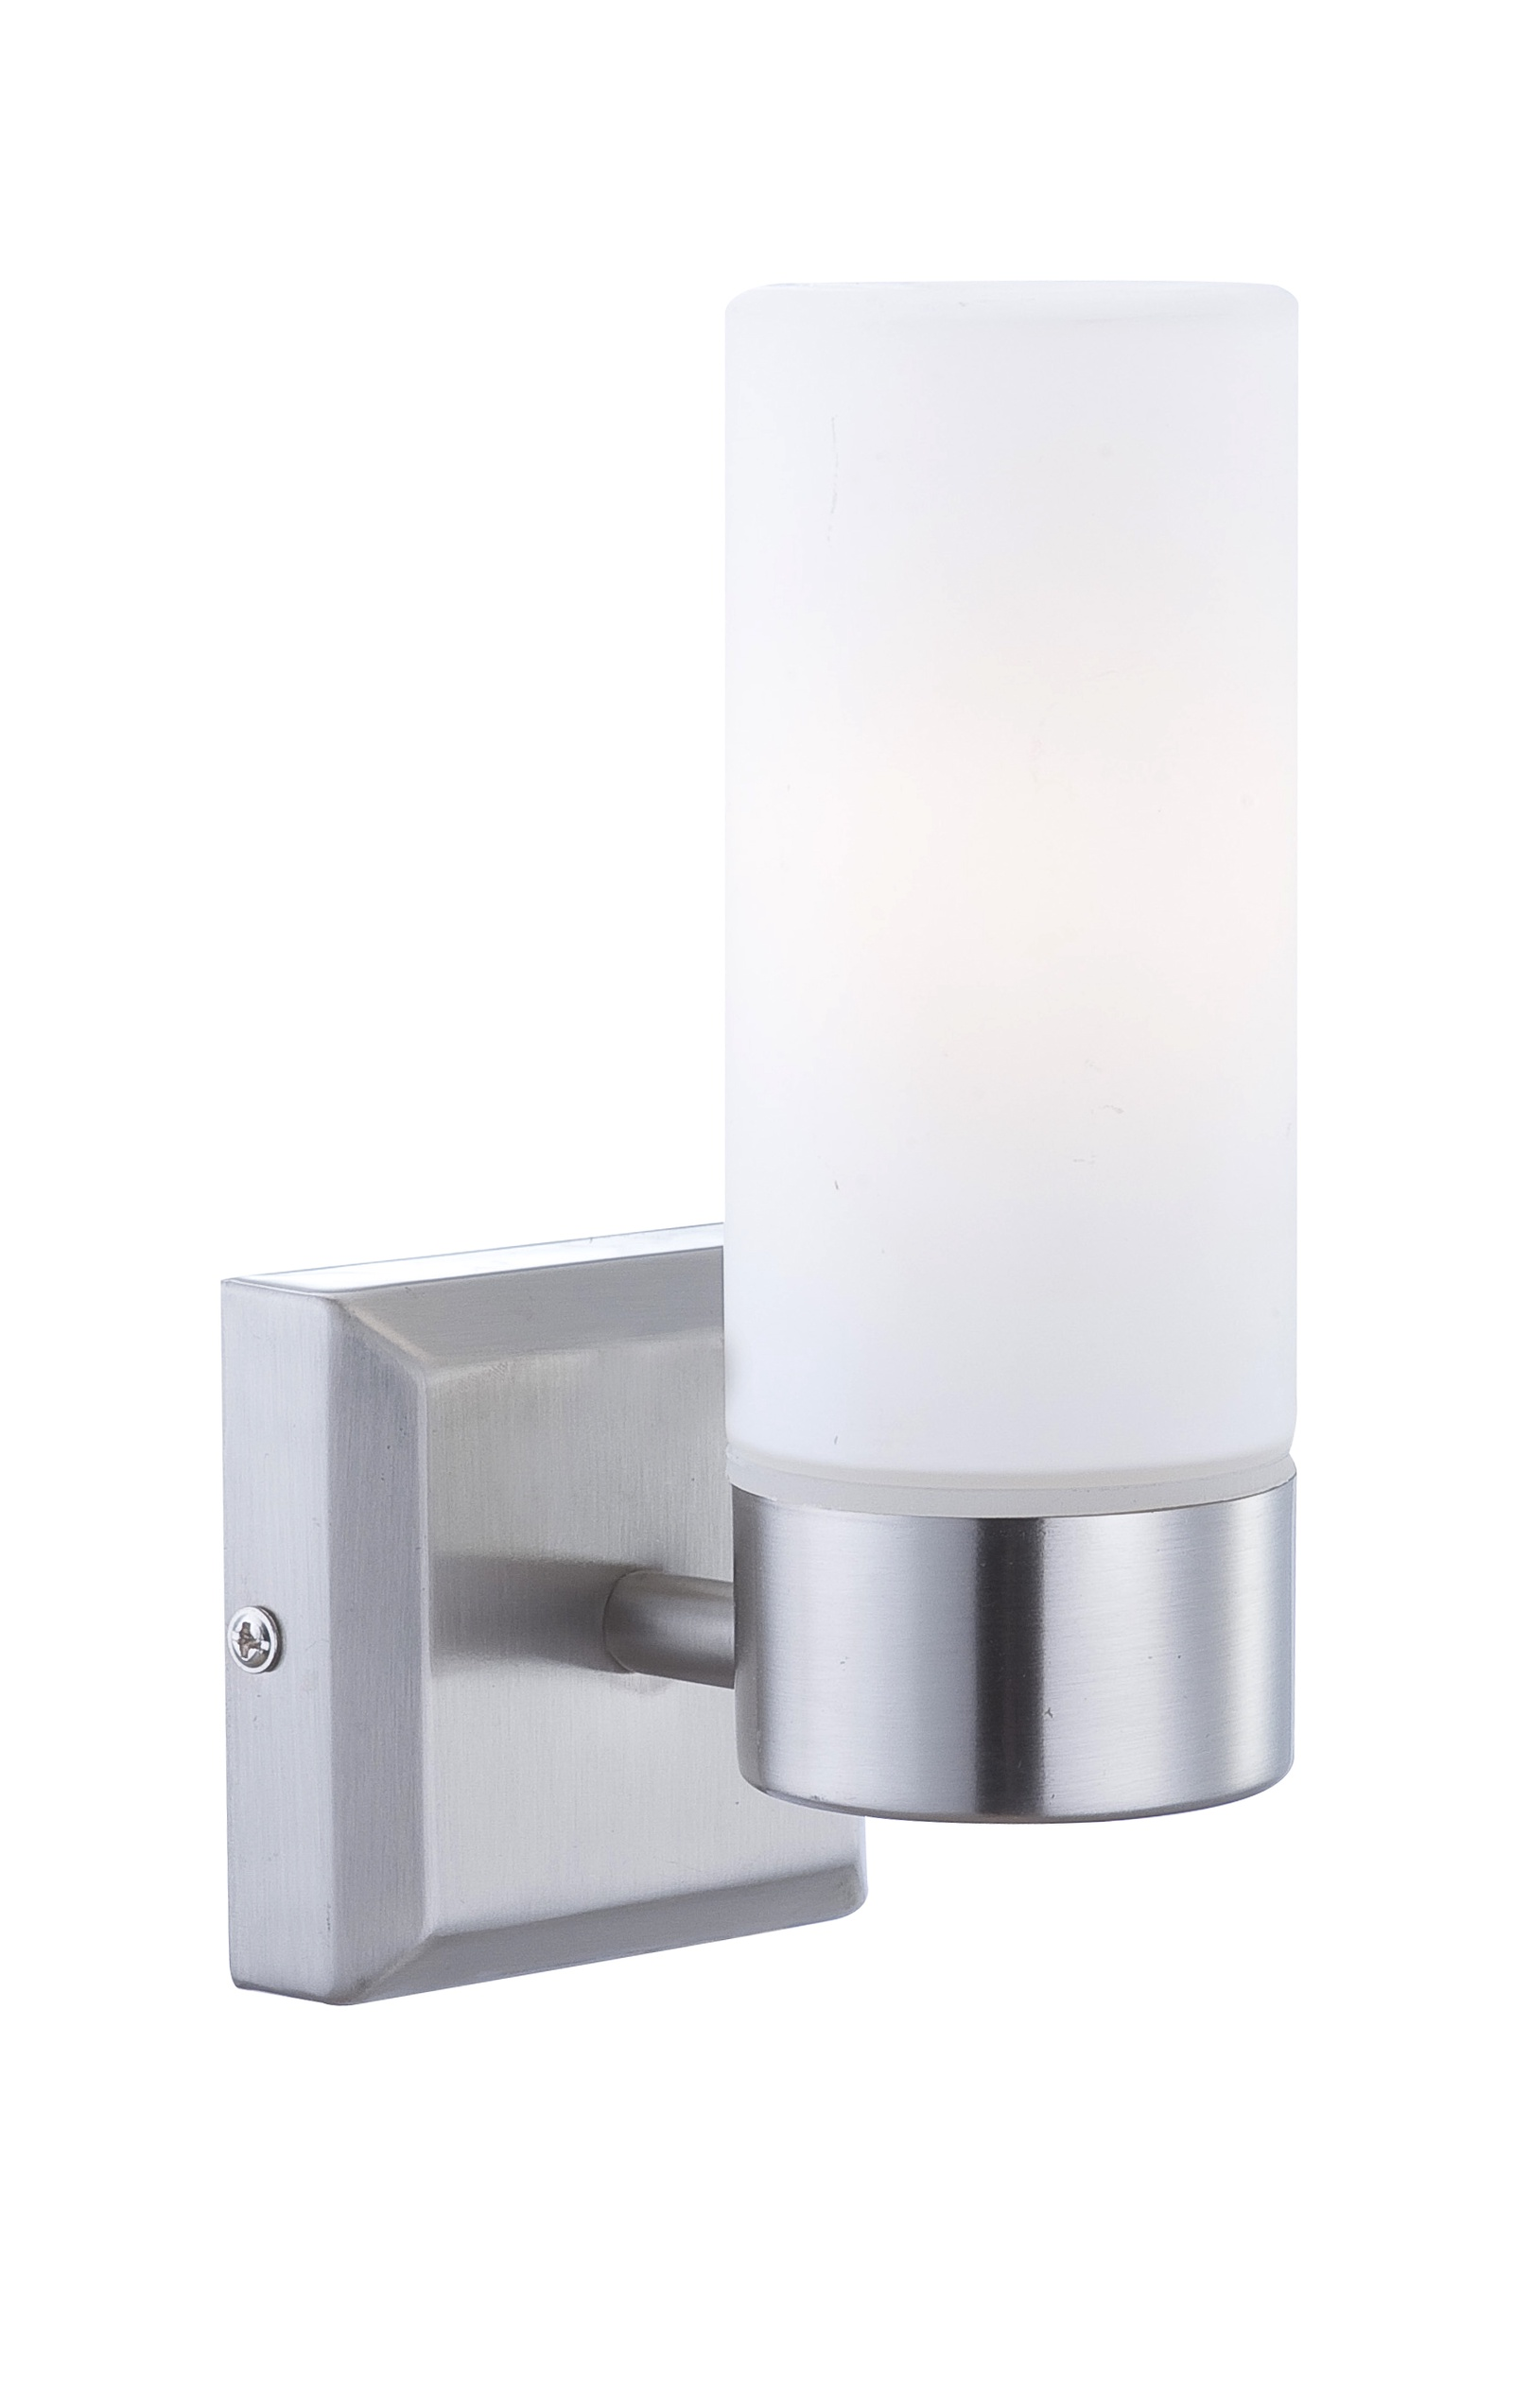 Настенно-потолочный светильник Globo Space, серый потолочный светильник globo ugo серый